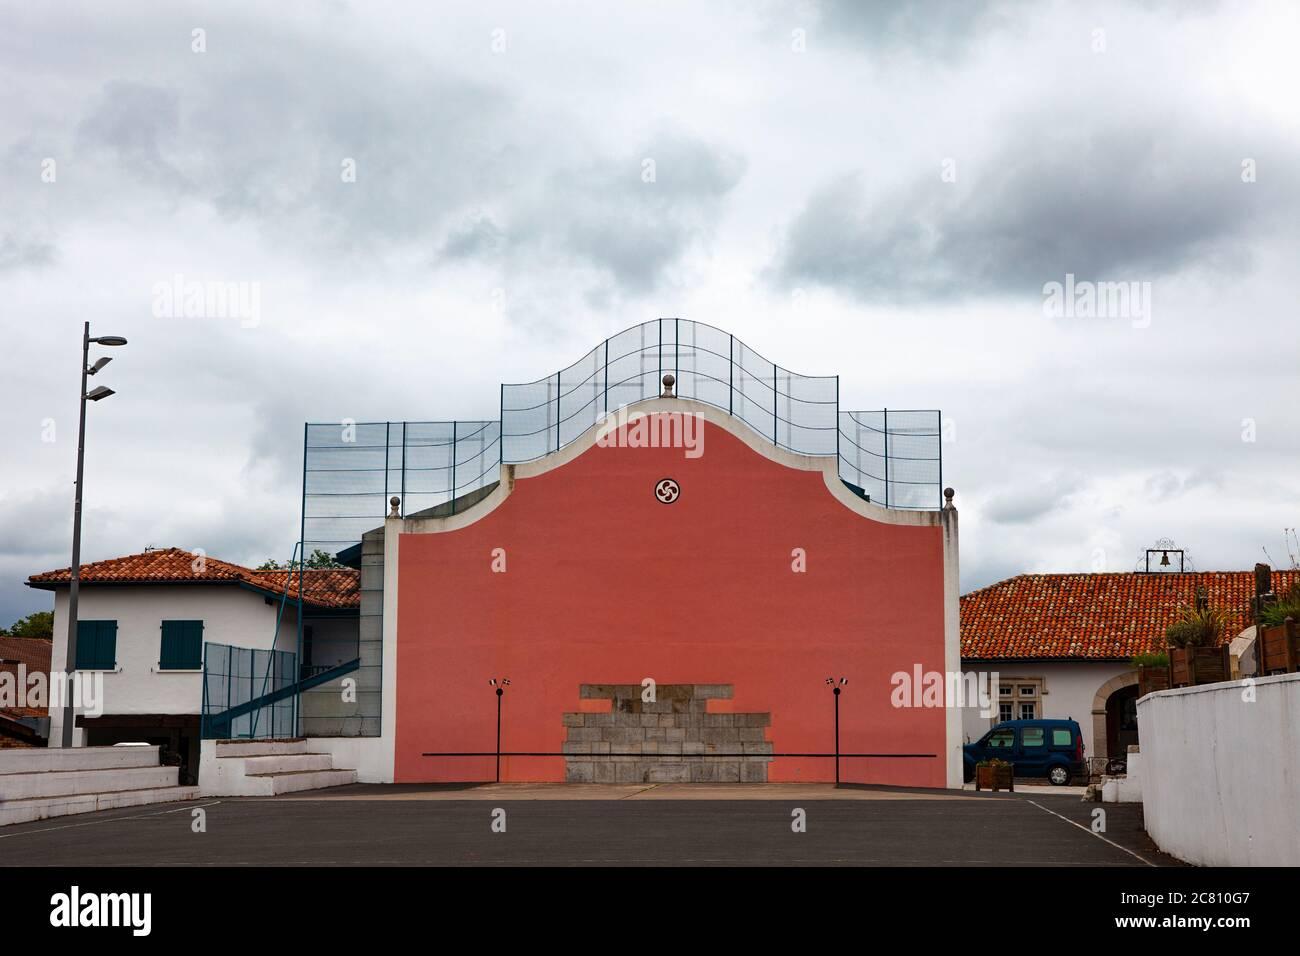 Pelote fronton - terrain de jeu de la sorte basque de Pelote, Arcangues, Pyrénées-Atlantiques, France Banque D'Images